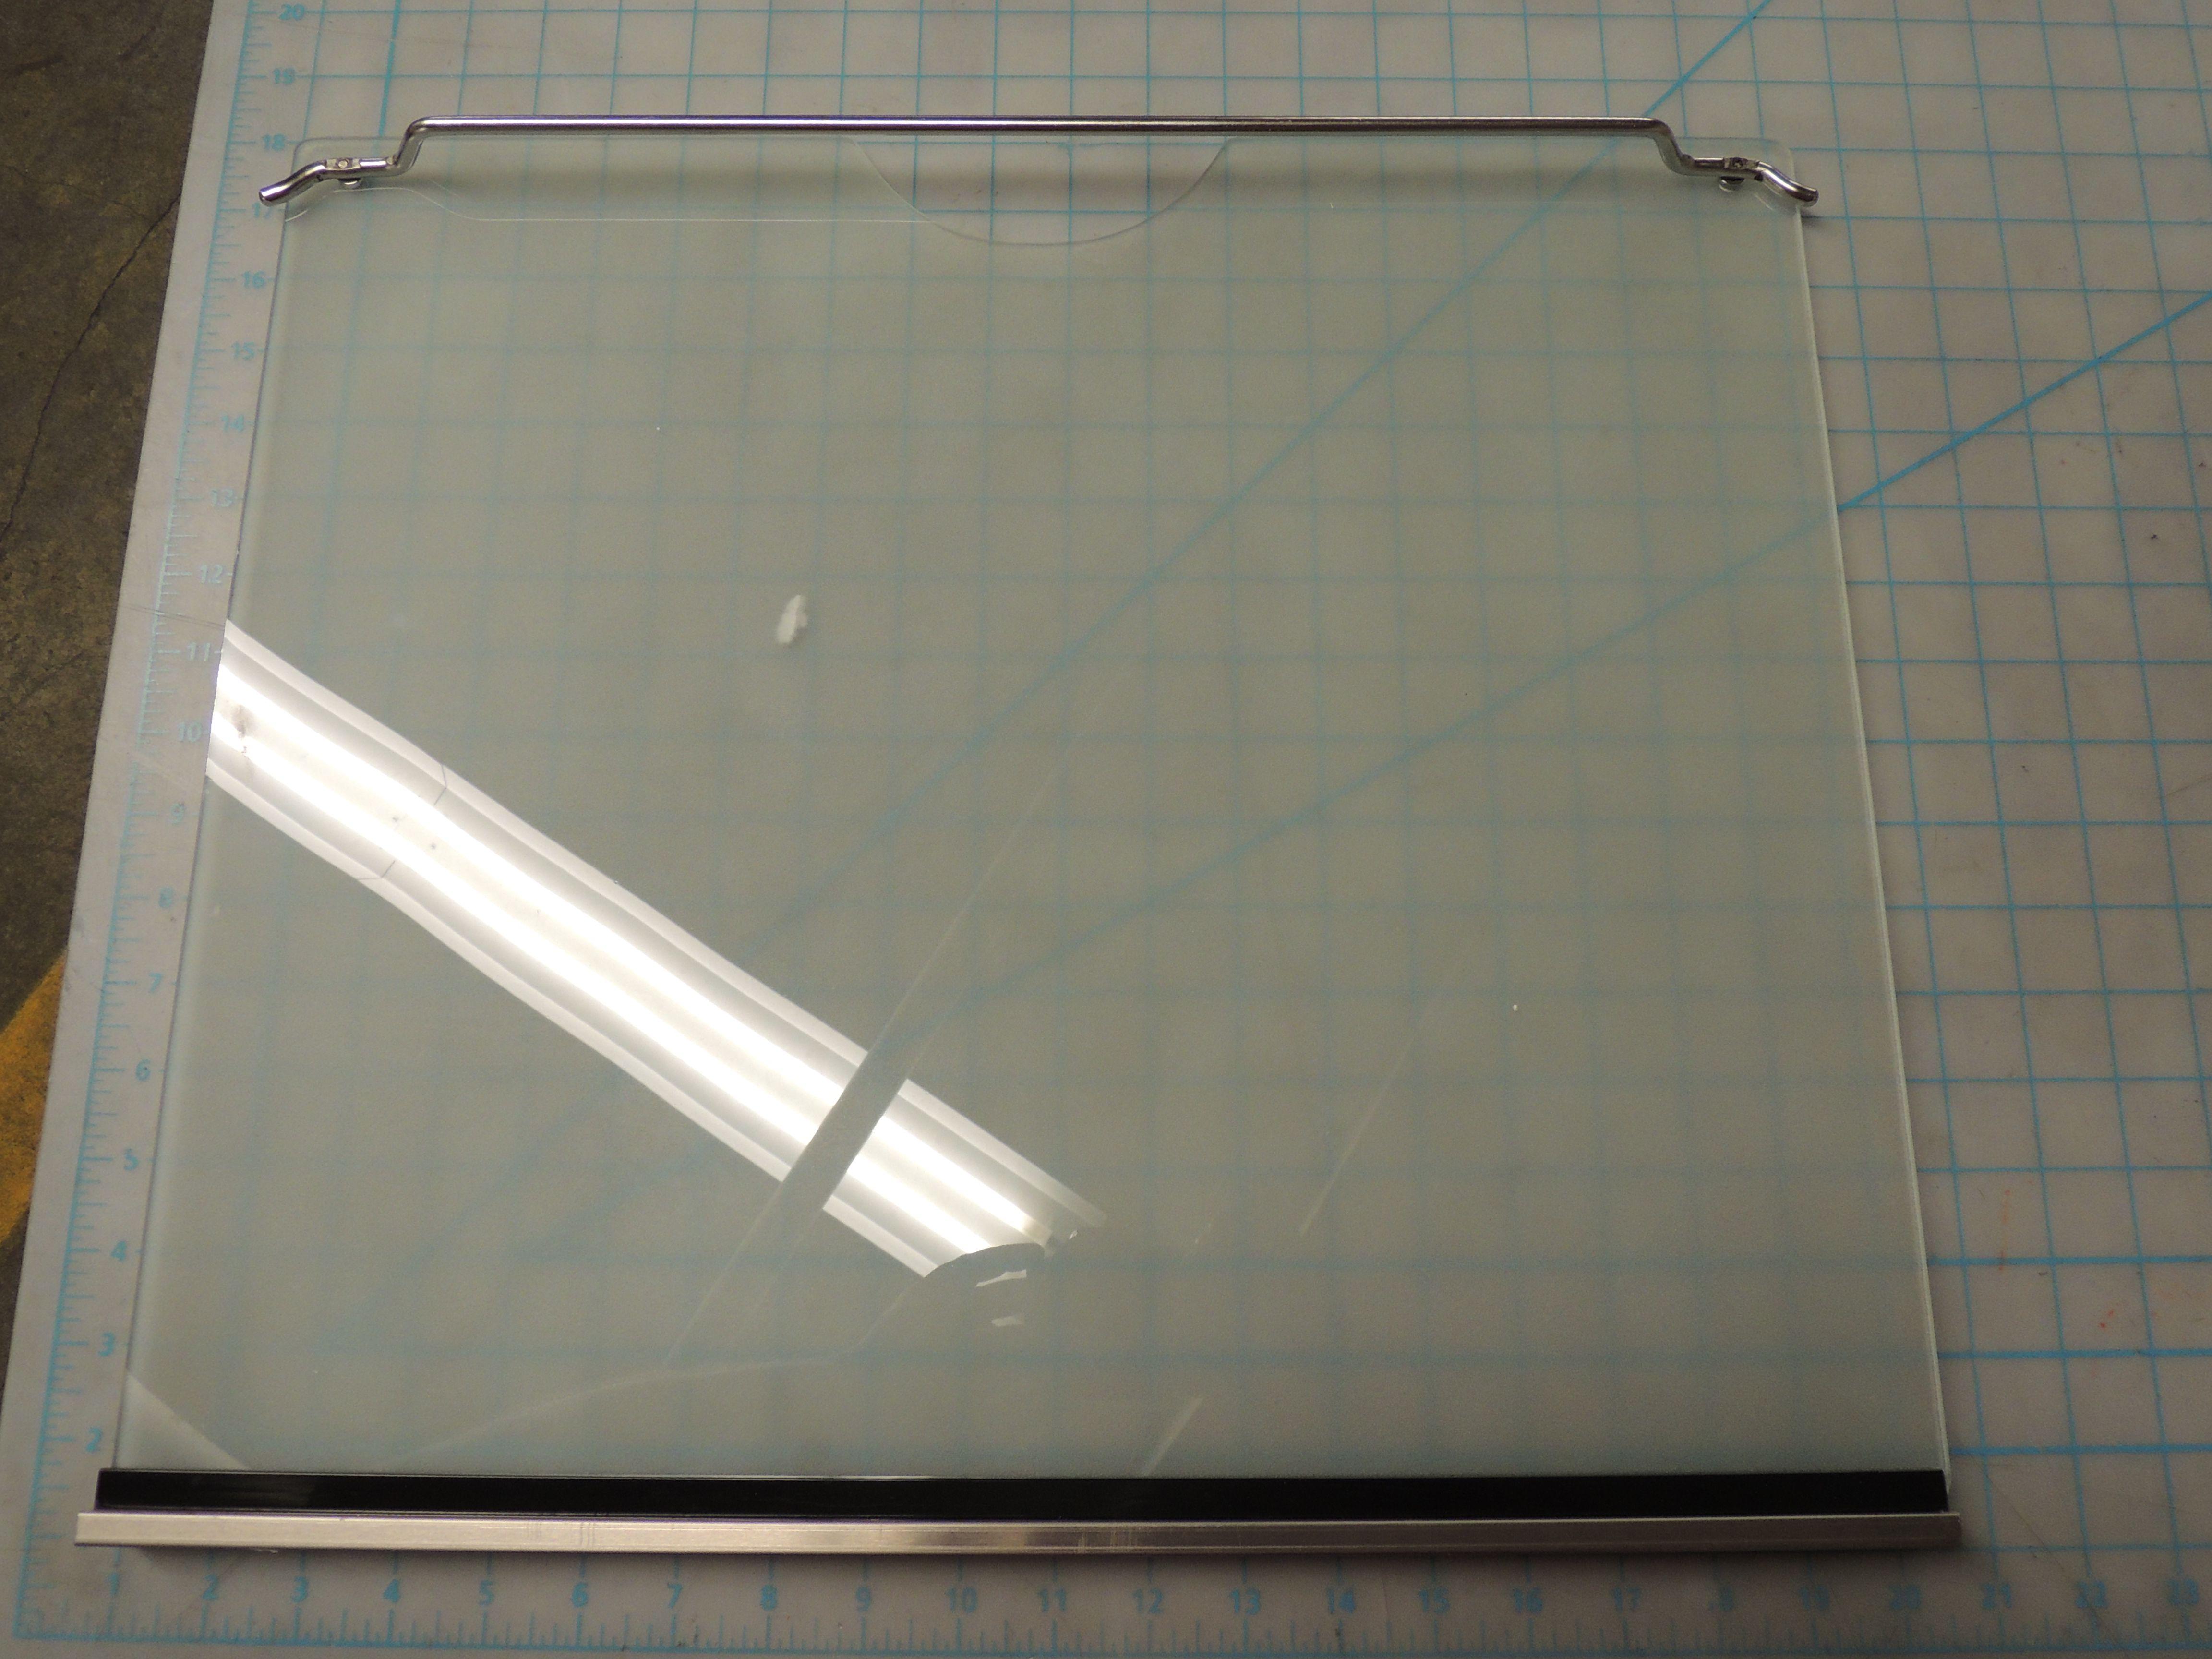 DBC056 GLASS SHELF KIT